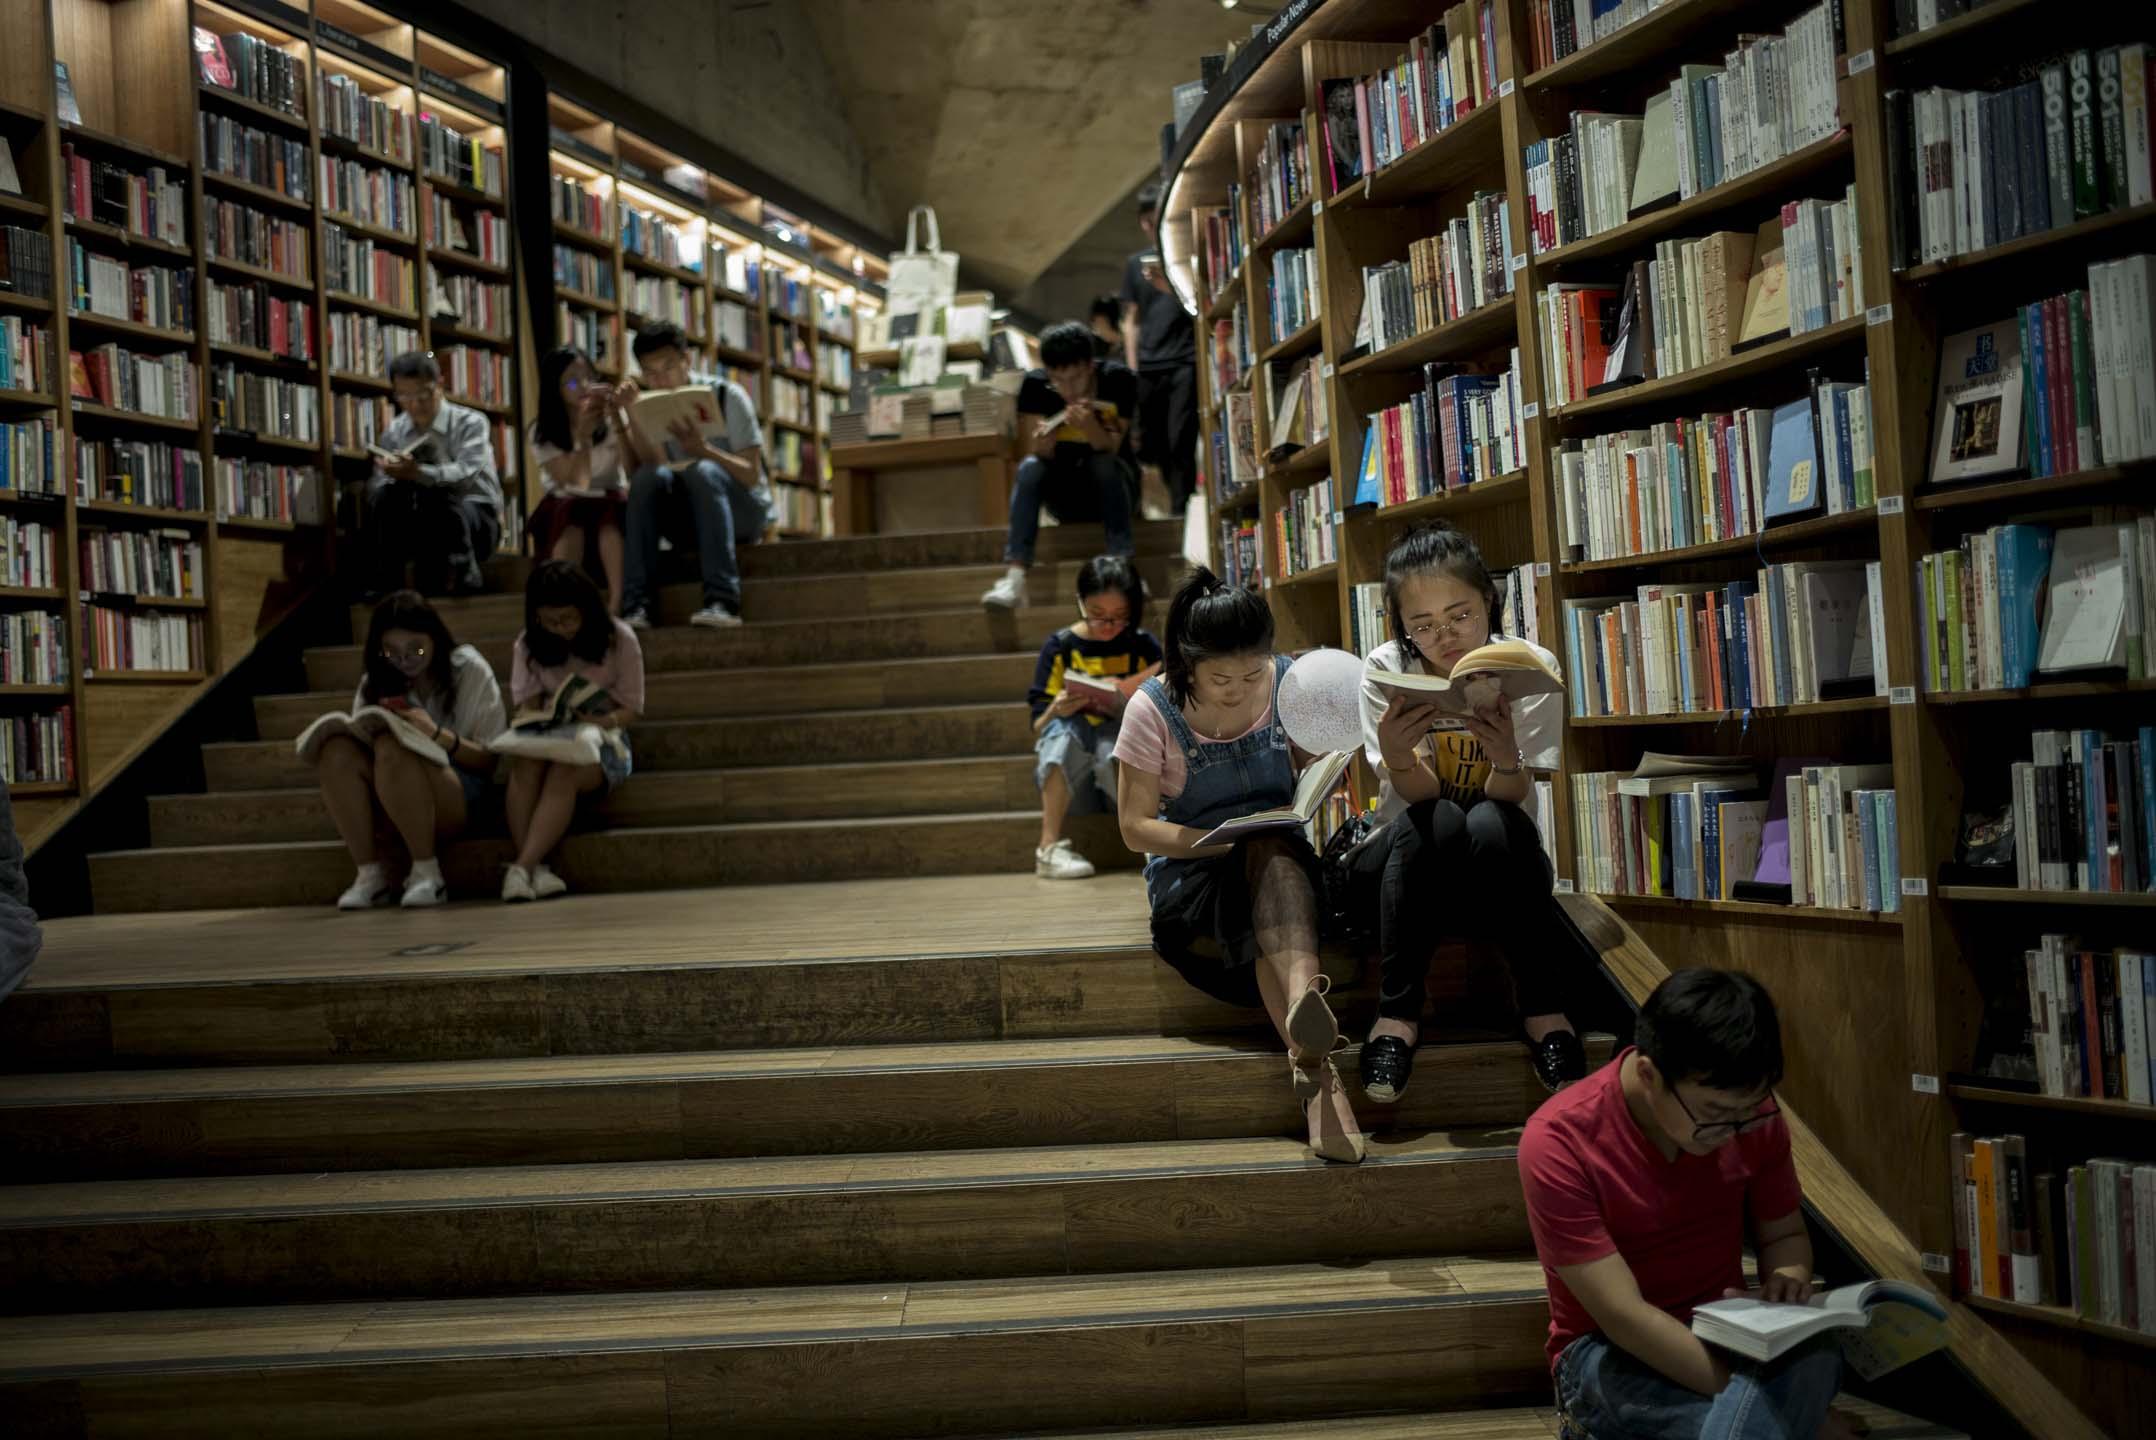 讀者在成都一間書店席地而坐看書。 攝:林振東/端傳媒